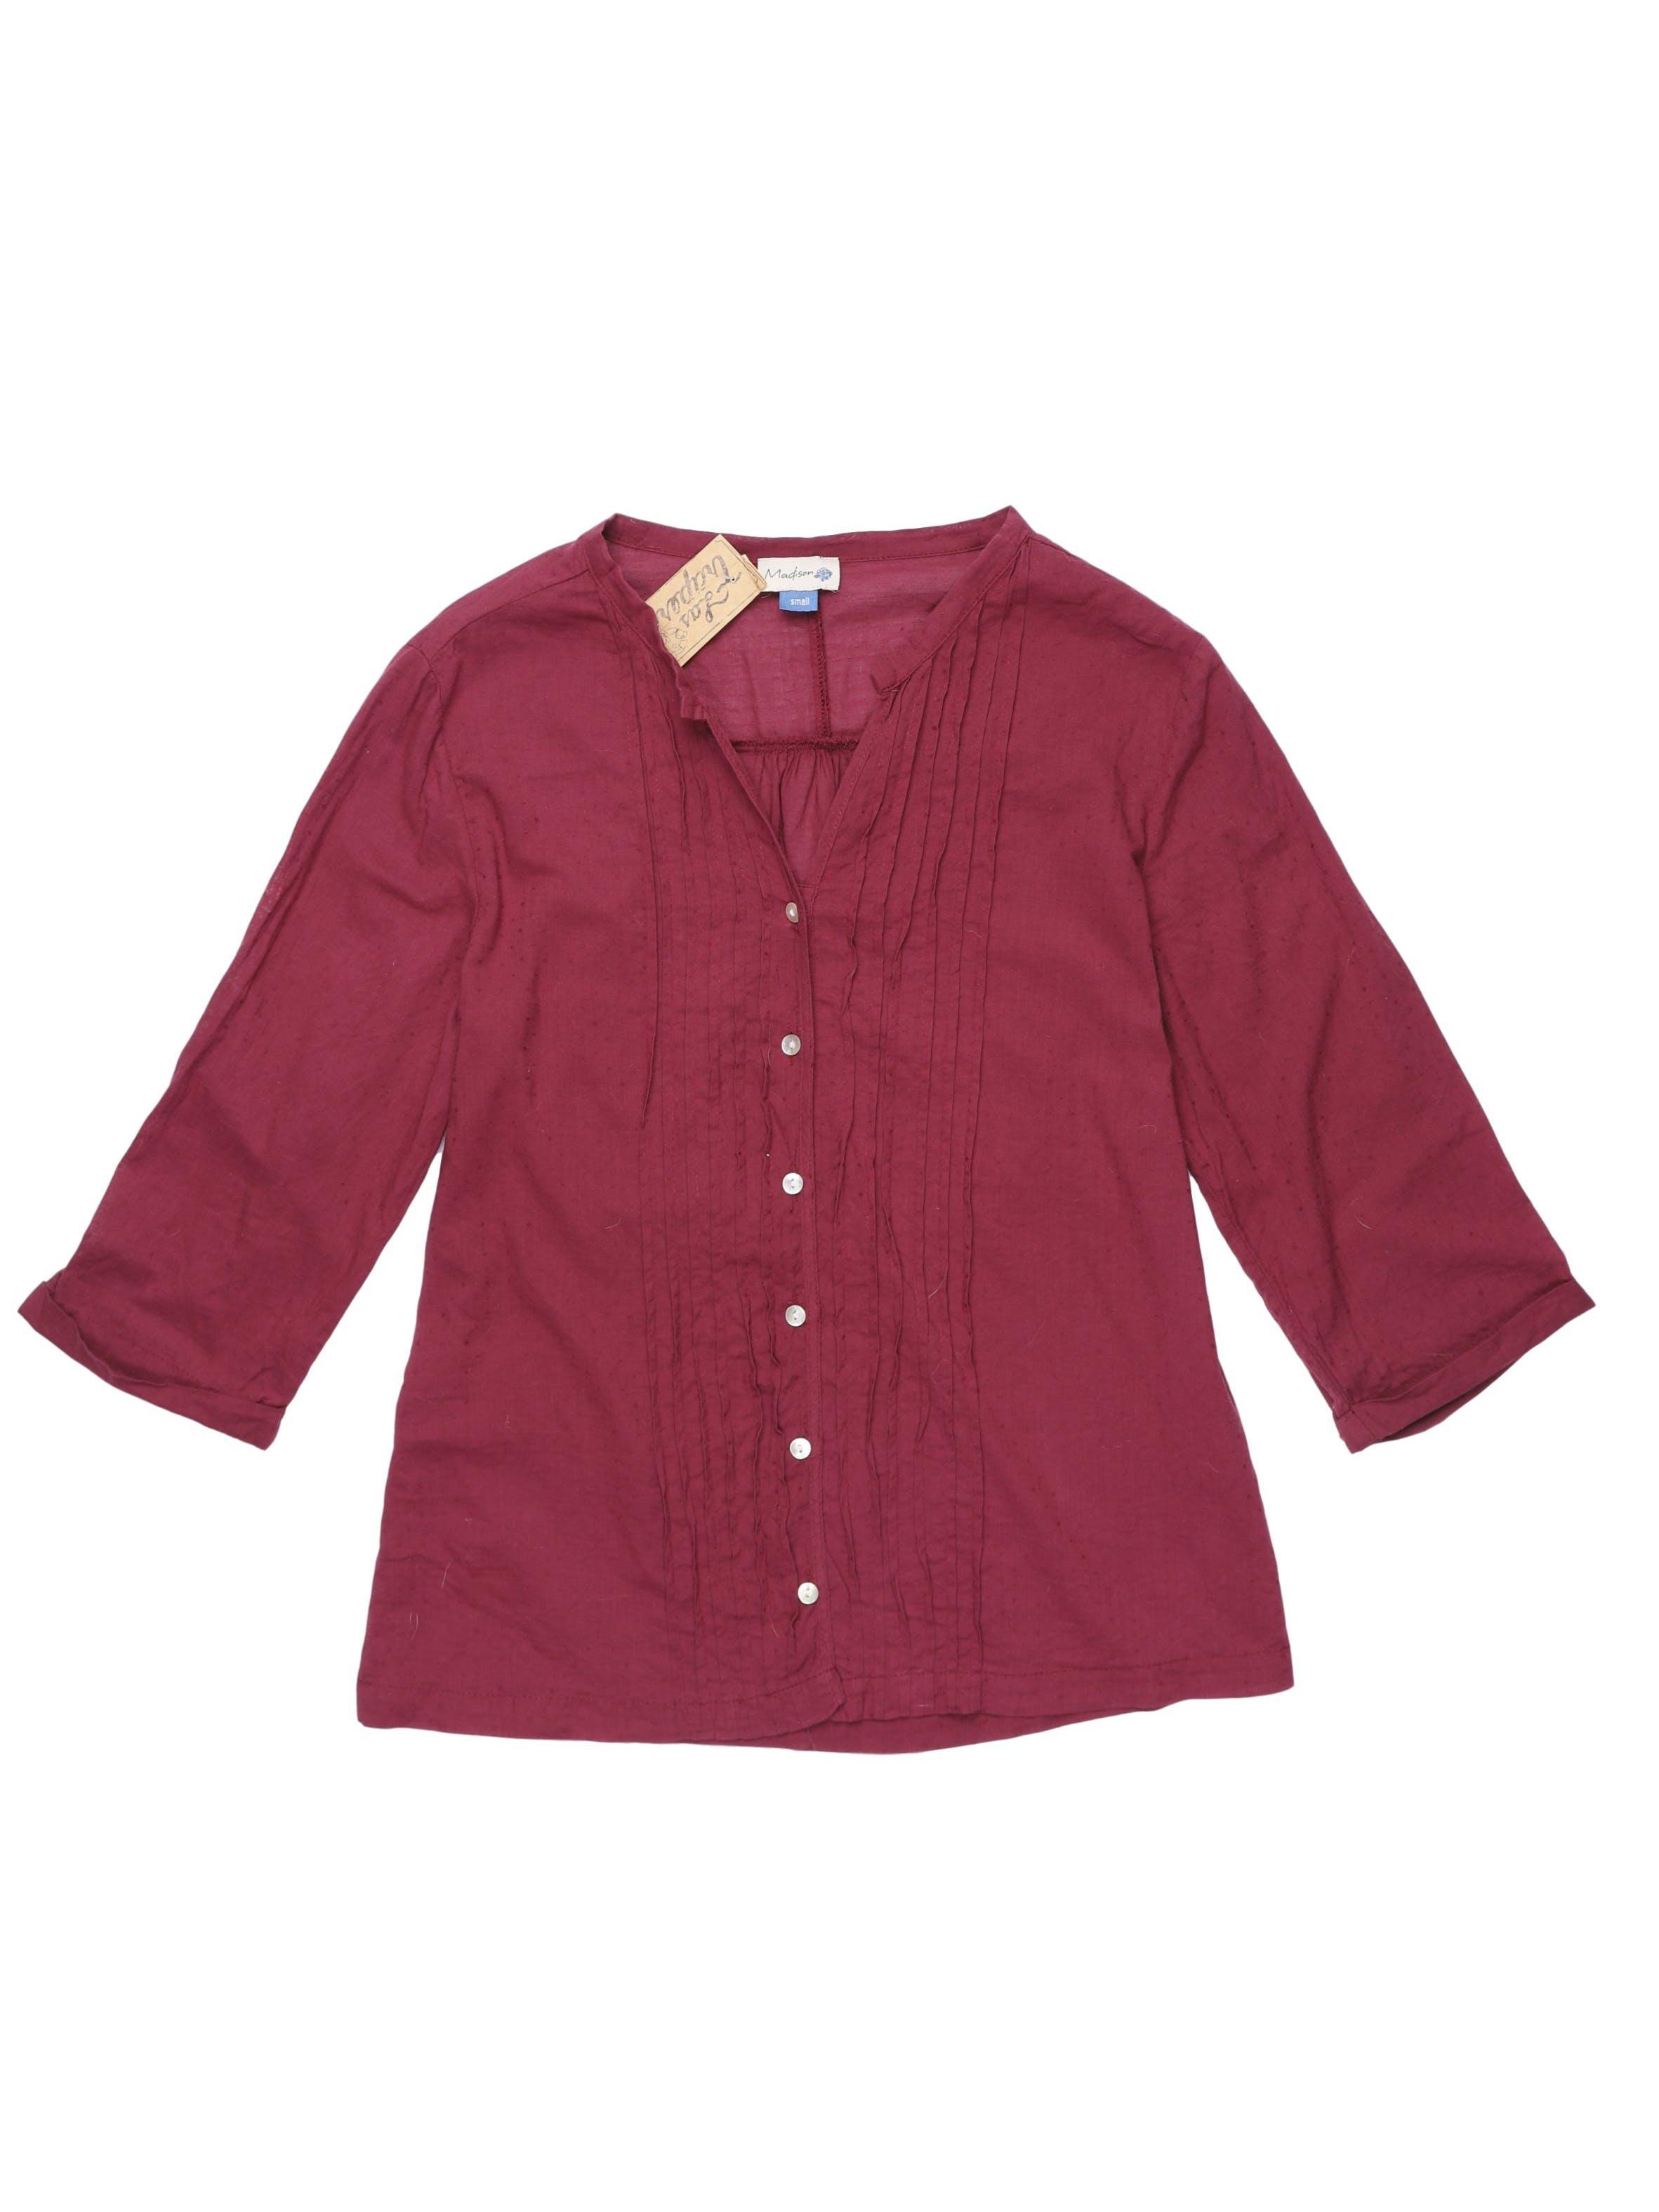 Blusa guinda con textura de puntos 100% algodón, cuello en V con botones centrales y plisado. Busto 97 cm.